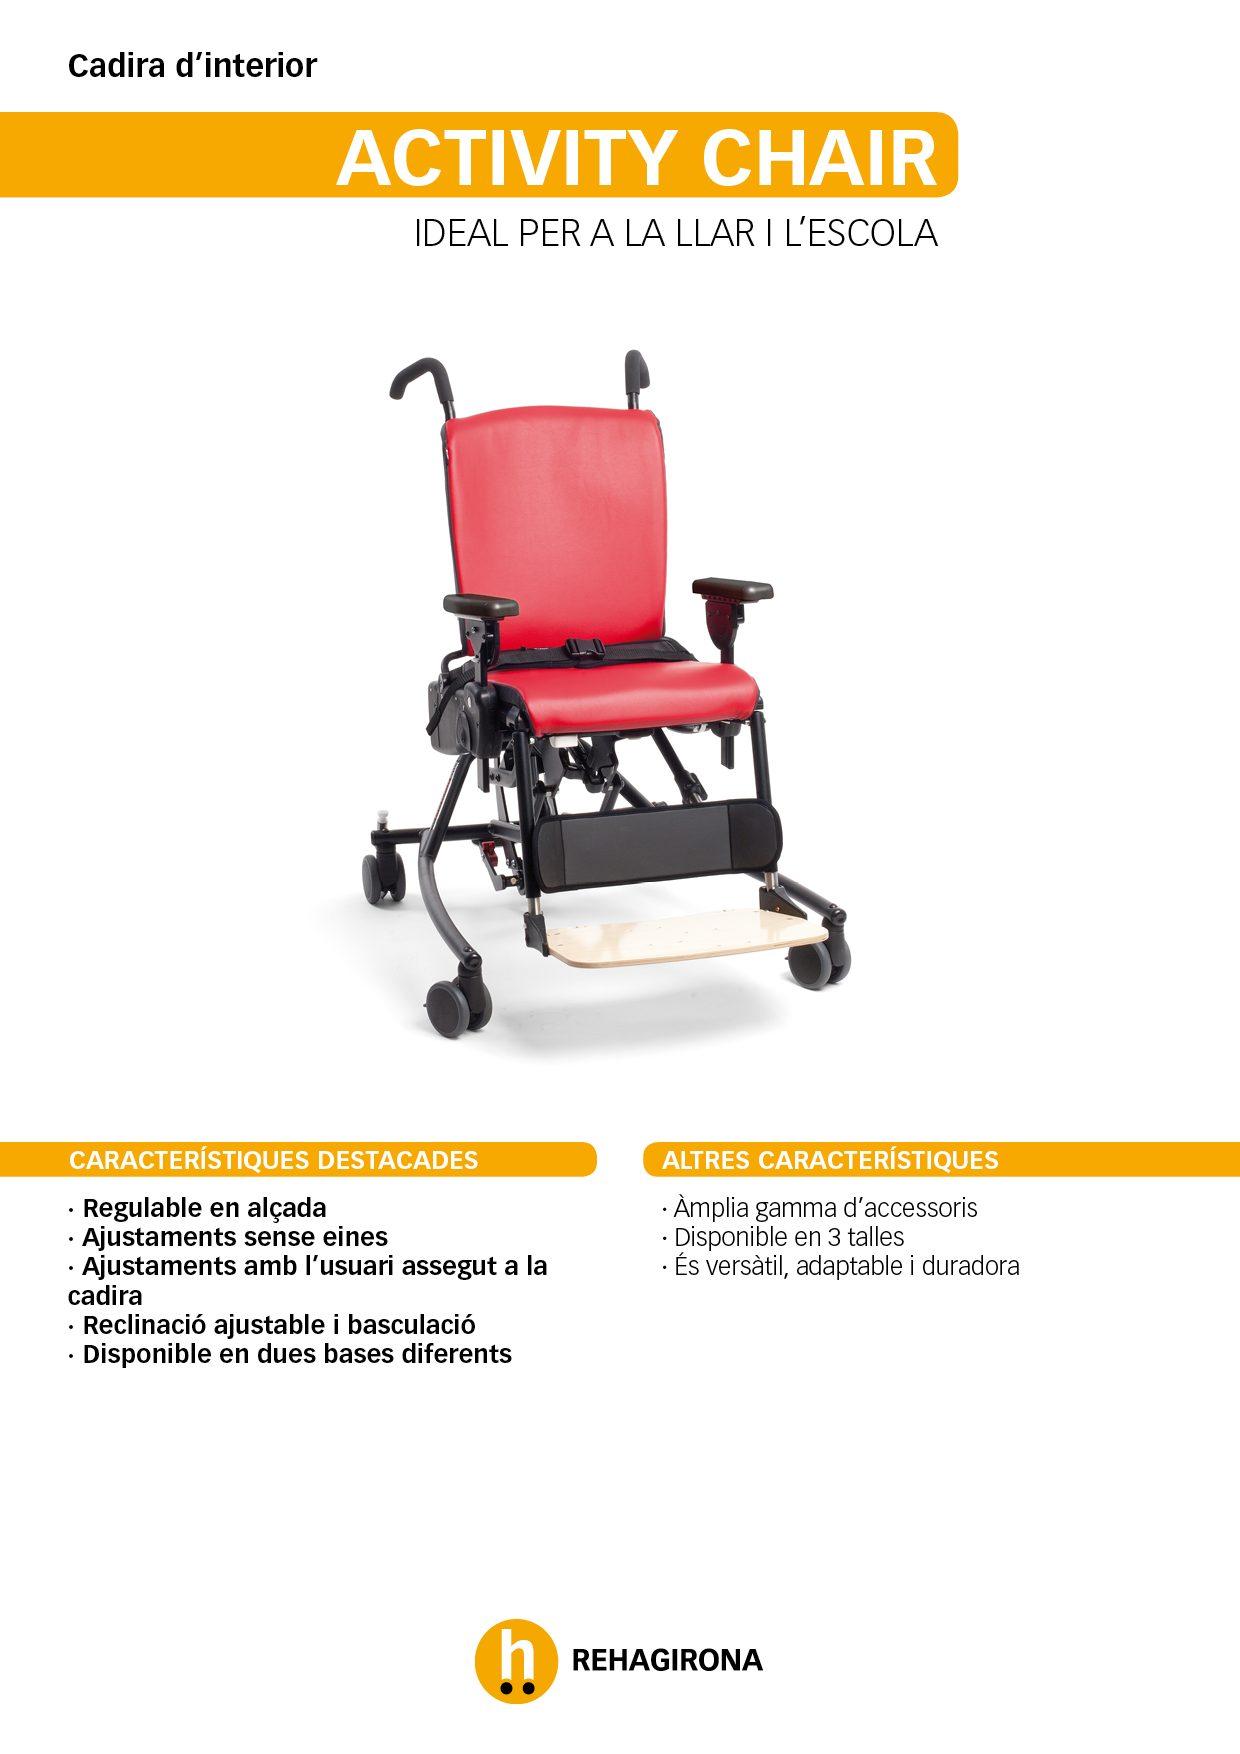 Característiques i beneficis més destacats de la cadira Activity Chair - Rehagirona-beneficis-cadira-activity-rehagirona-2019